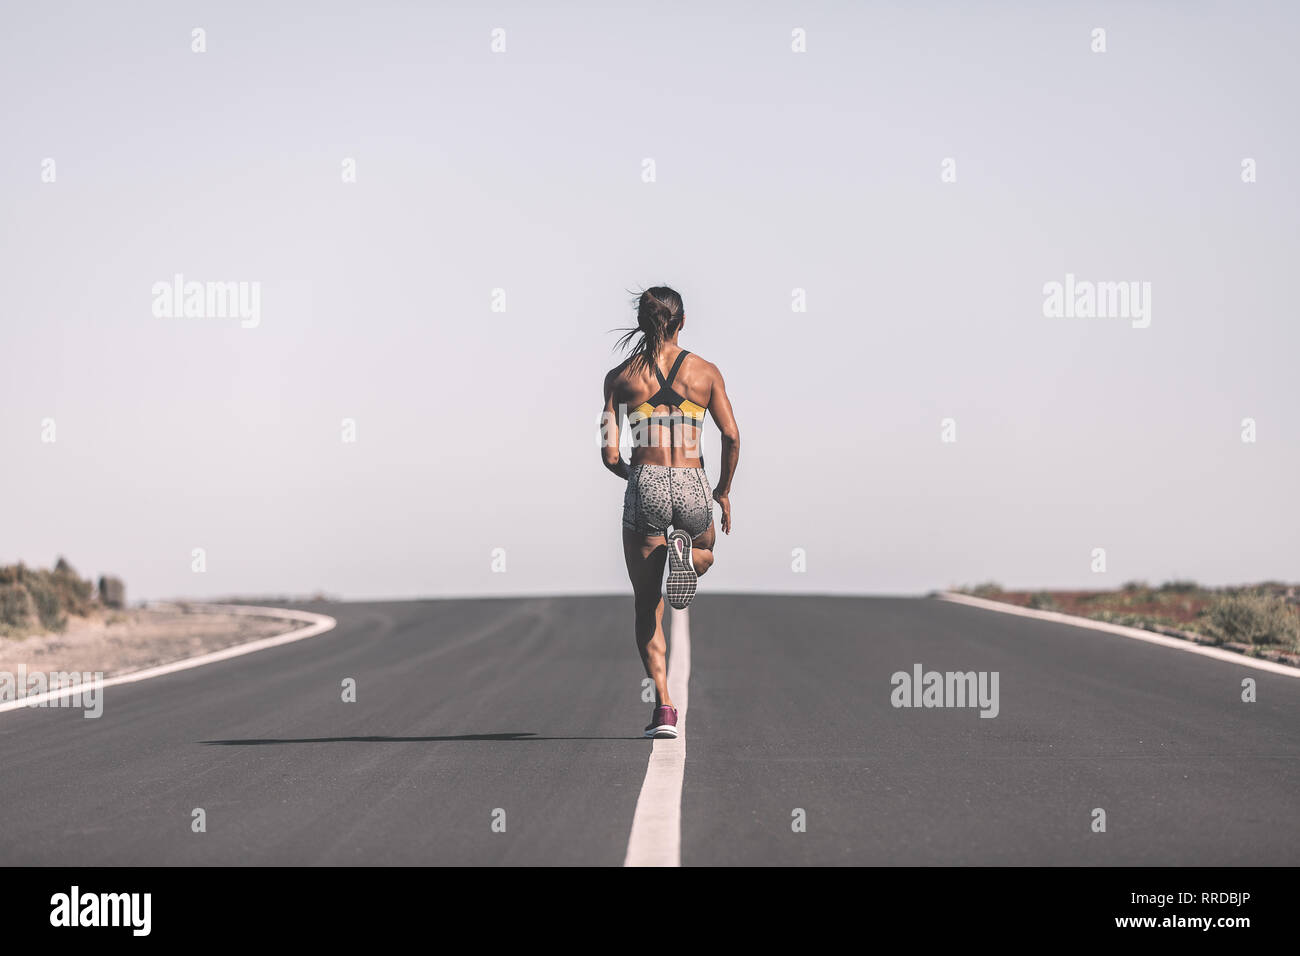 Ethnic sportswoman running on desert road - Stock Image